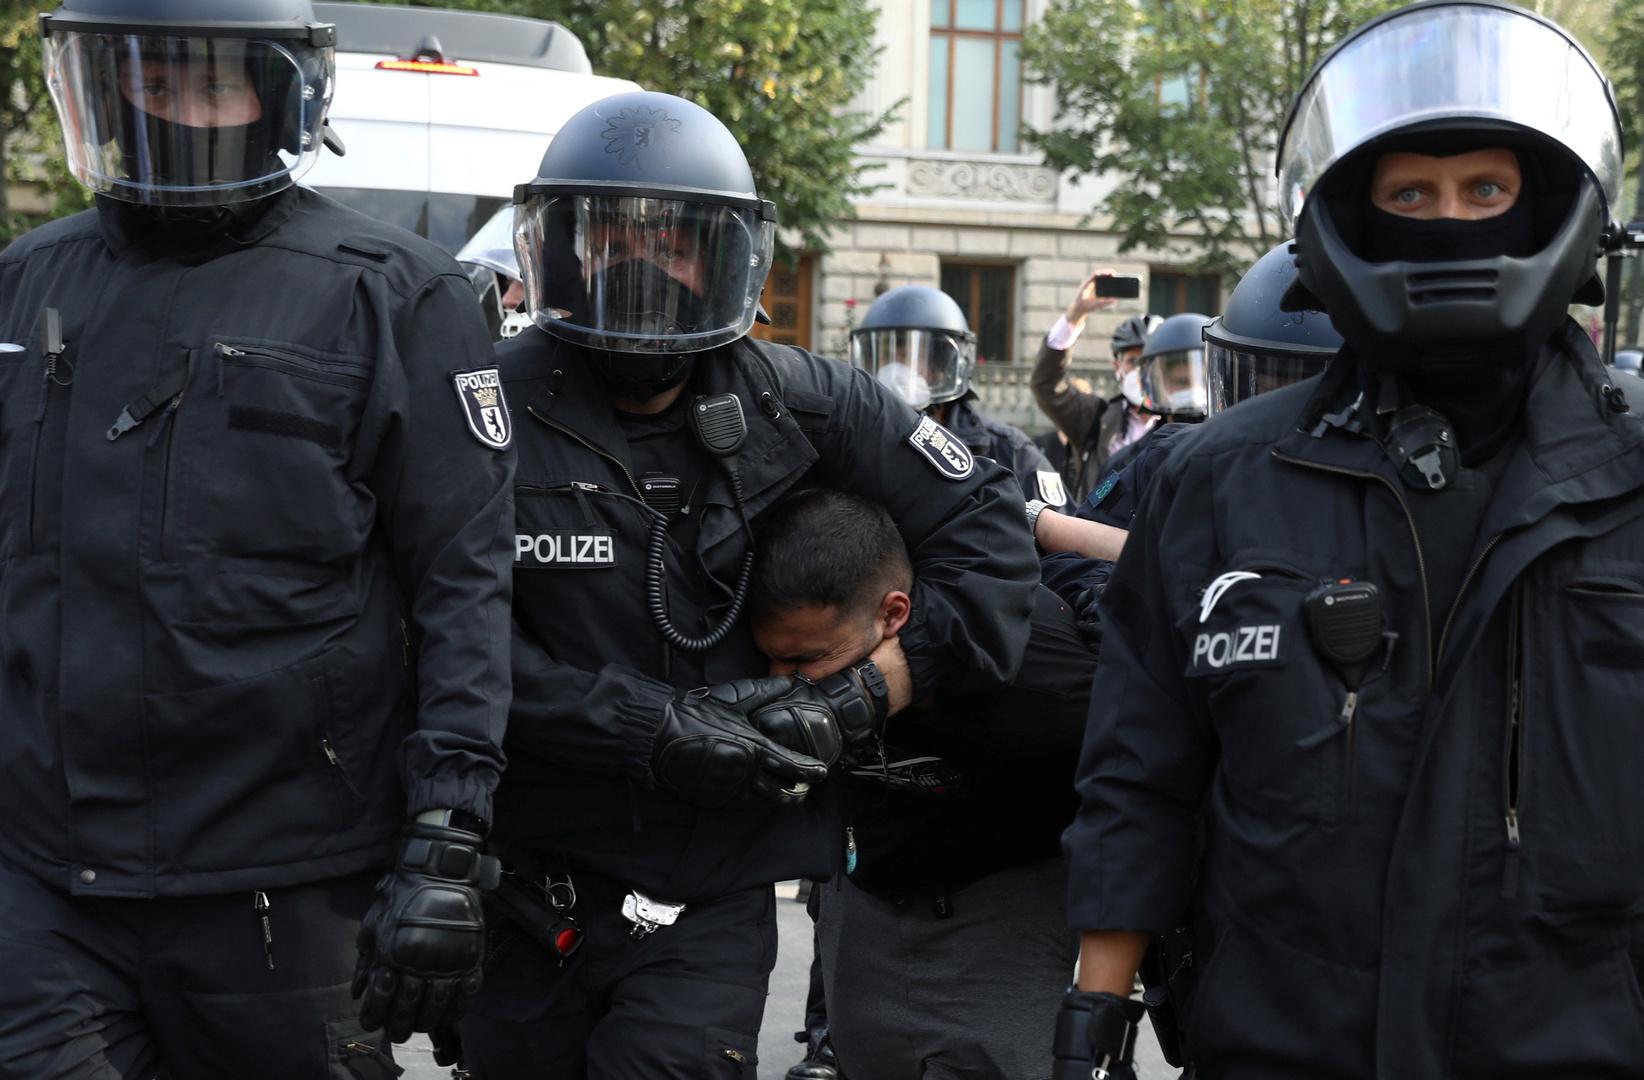 Vorfall am Berliner Reichstag: Politik zeigt sich bestürzt